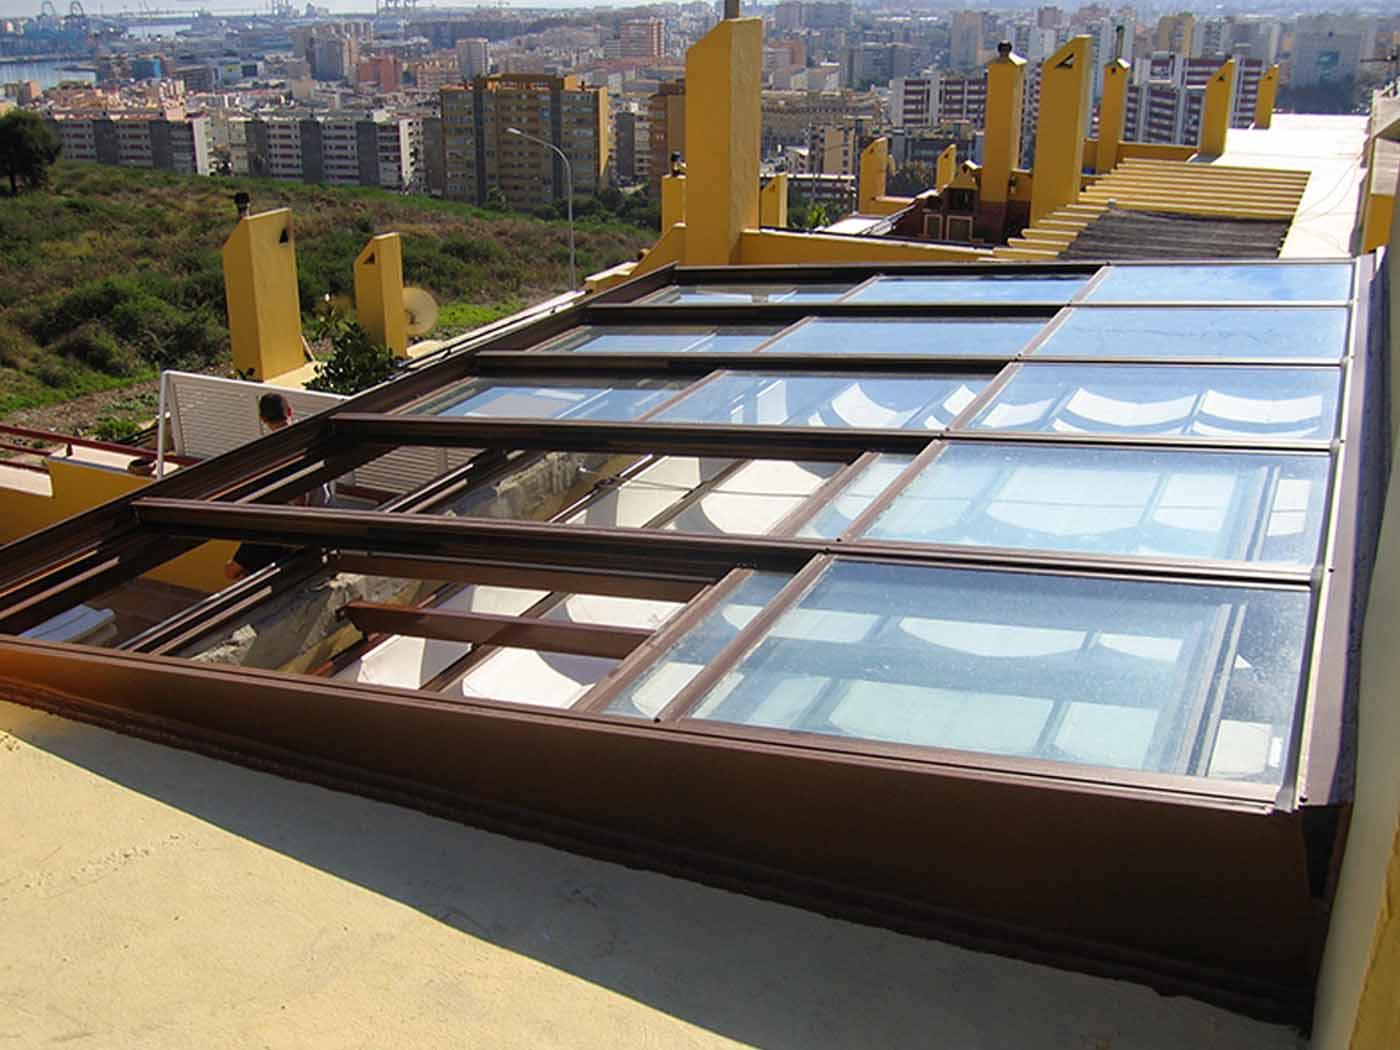 Cerramiento con techo móvil transparente